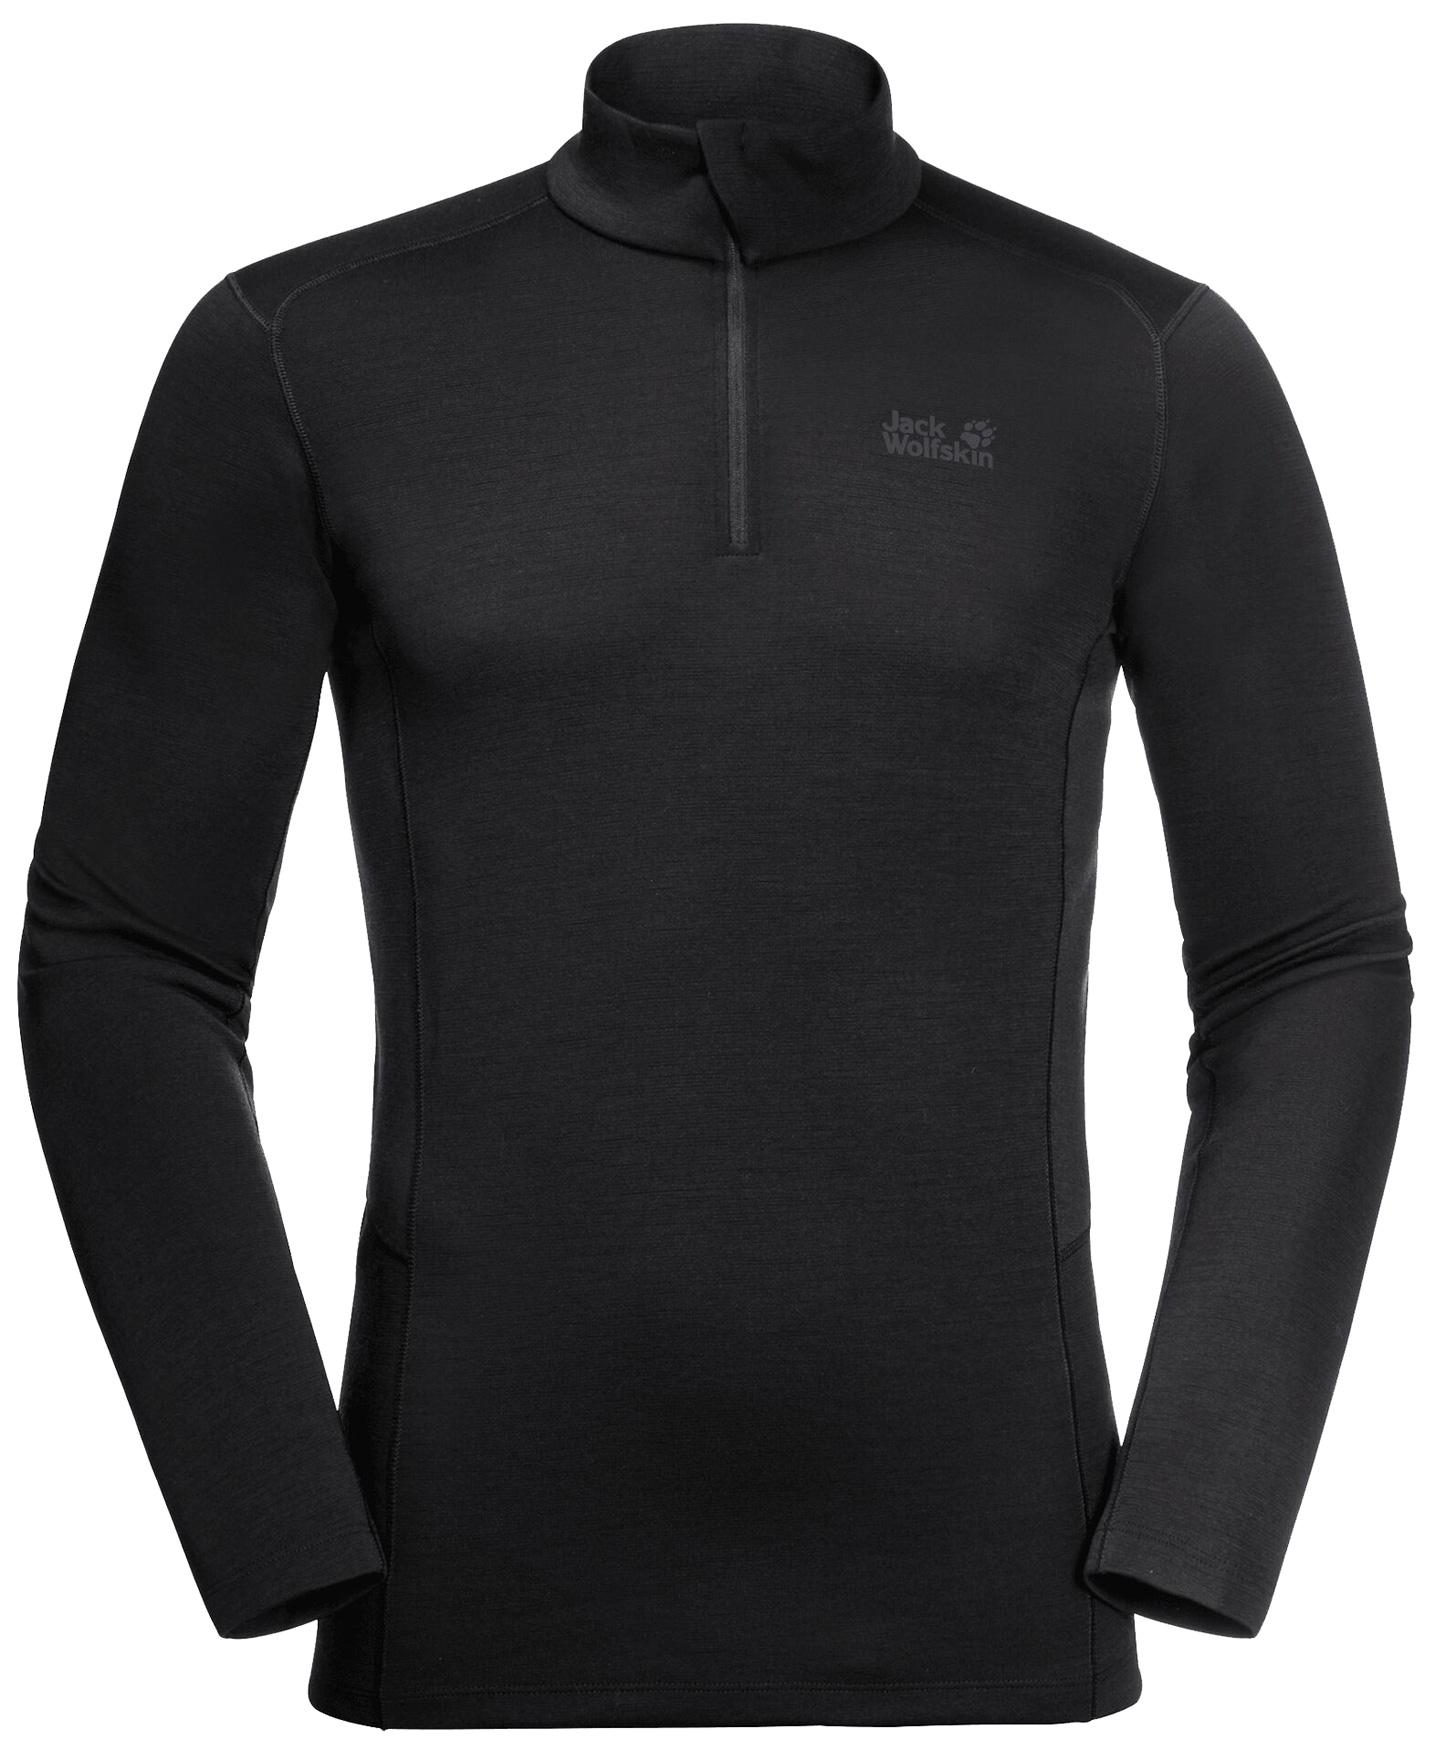 Jack Wolfskin Arctic XT Half Zip Pullover - schwarz